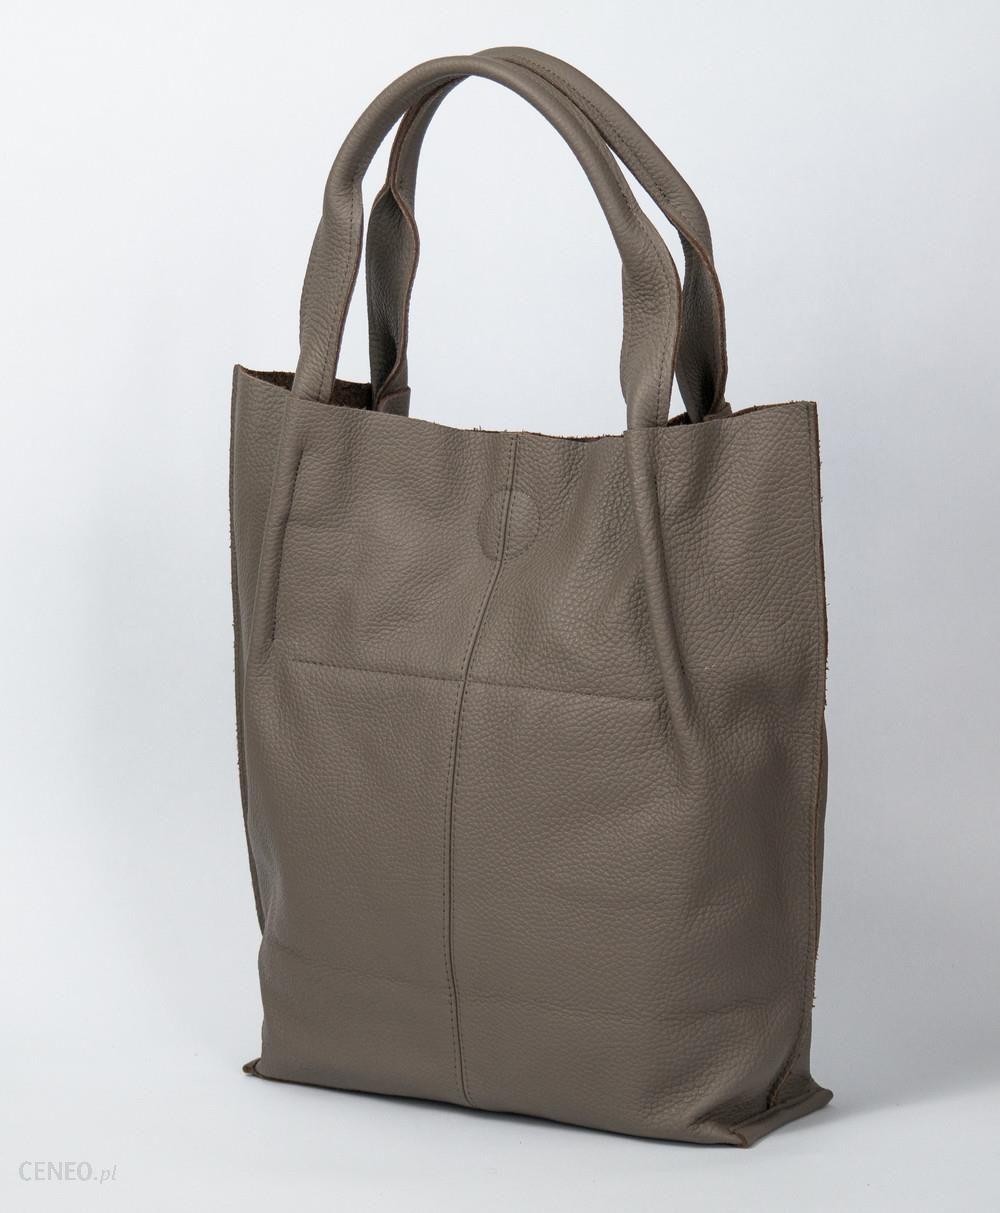 b09e12552cfcc BagStyle Skórzana Torebka - Shopper Bag - Ceny i opinie - Ceneo.pl